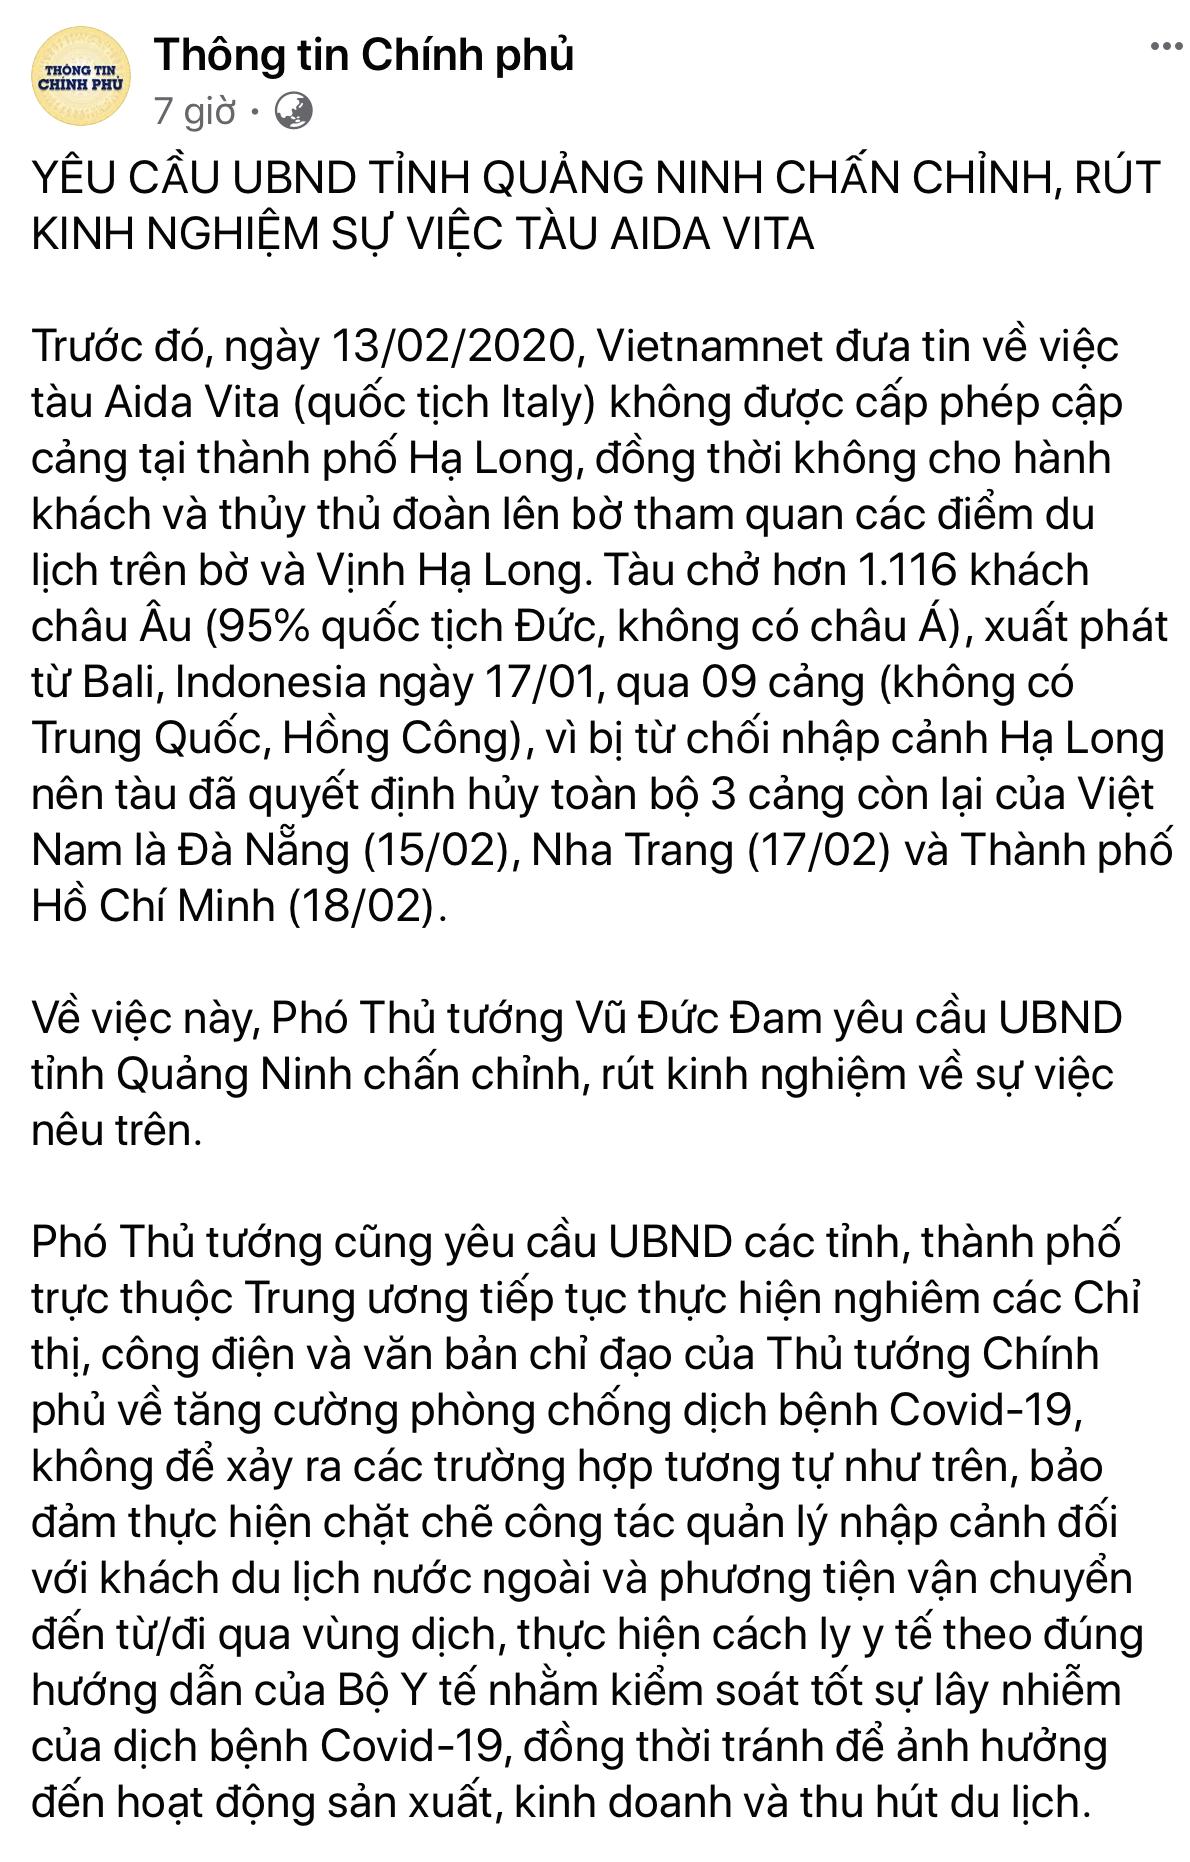 Quảng Ninh bị Chính phủ nhắc nhở sau khi từ chối cho tàu du lịch Italia cập cảng Hạ Long